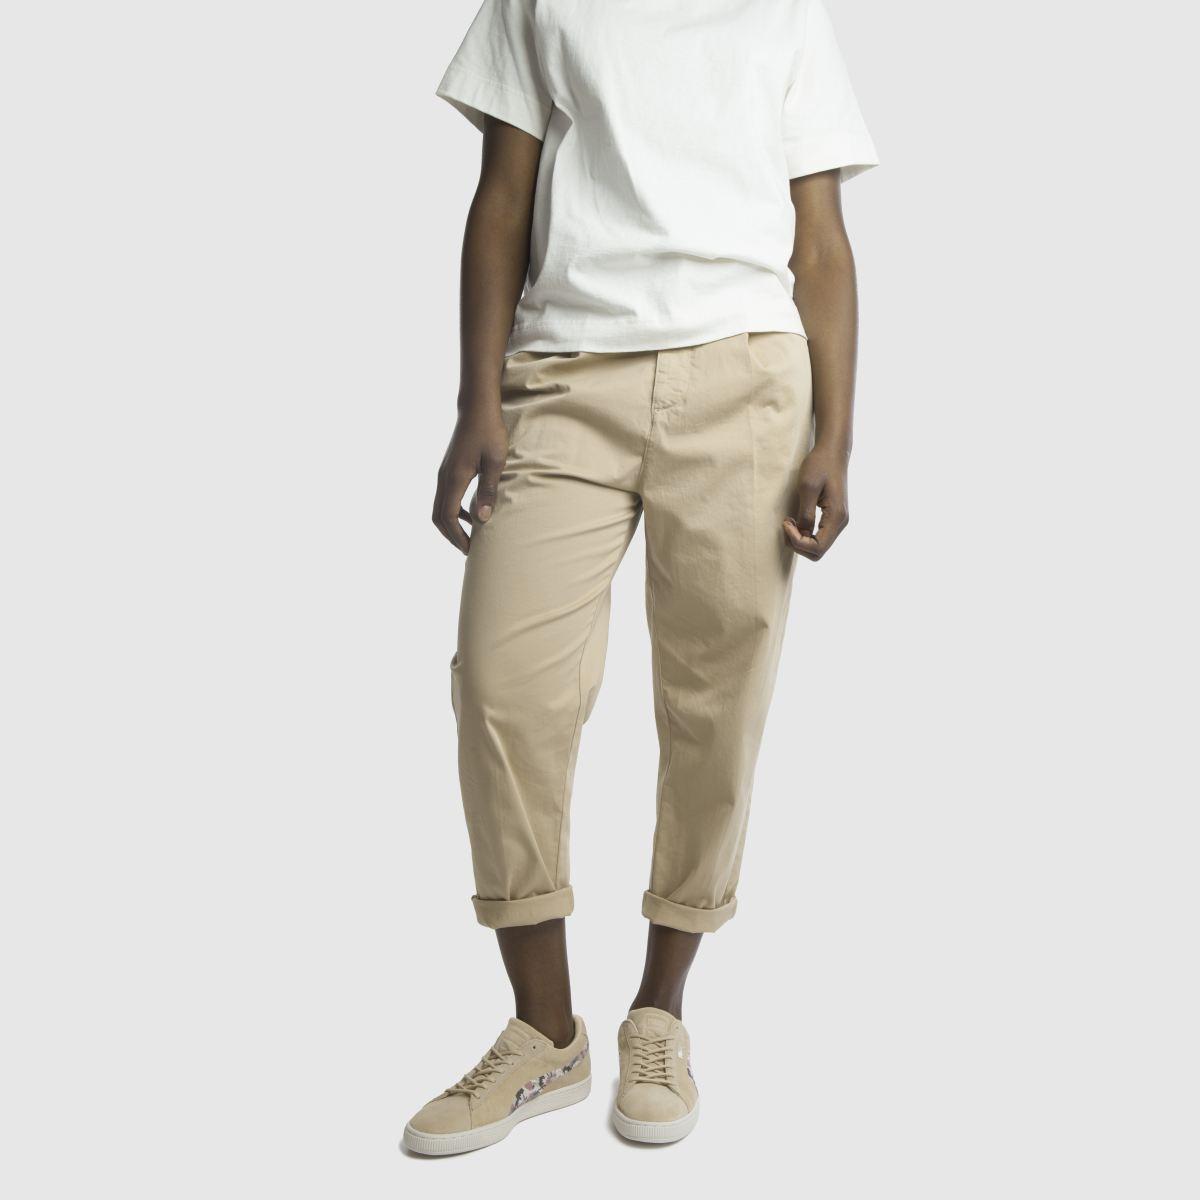 Damen Naturfarben puma Suede Sunfade Stitch Qualität Sneaker   schuh Gute Qualität Stitch beliebte Schuhe 9de845